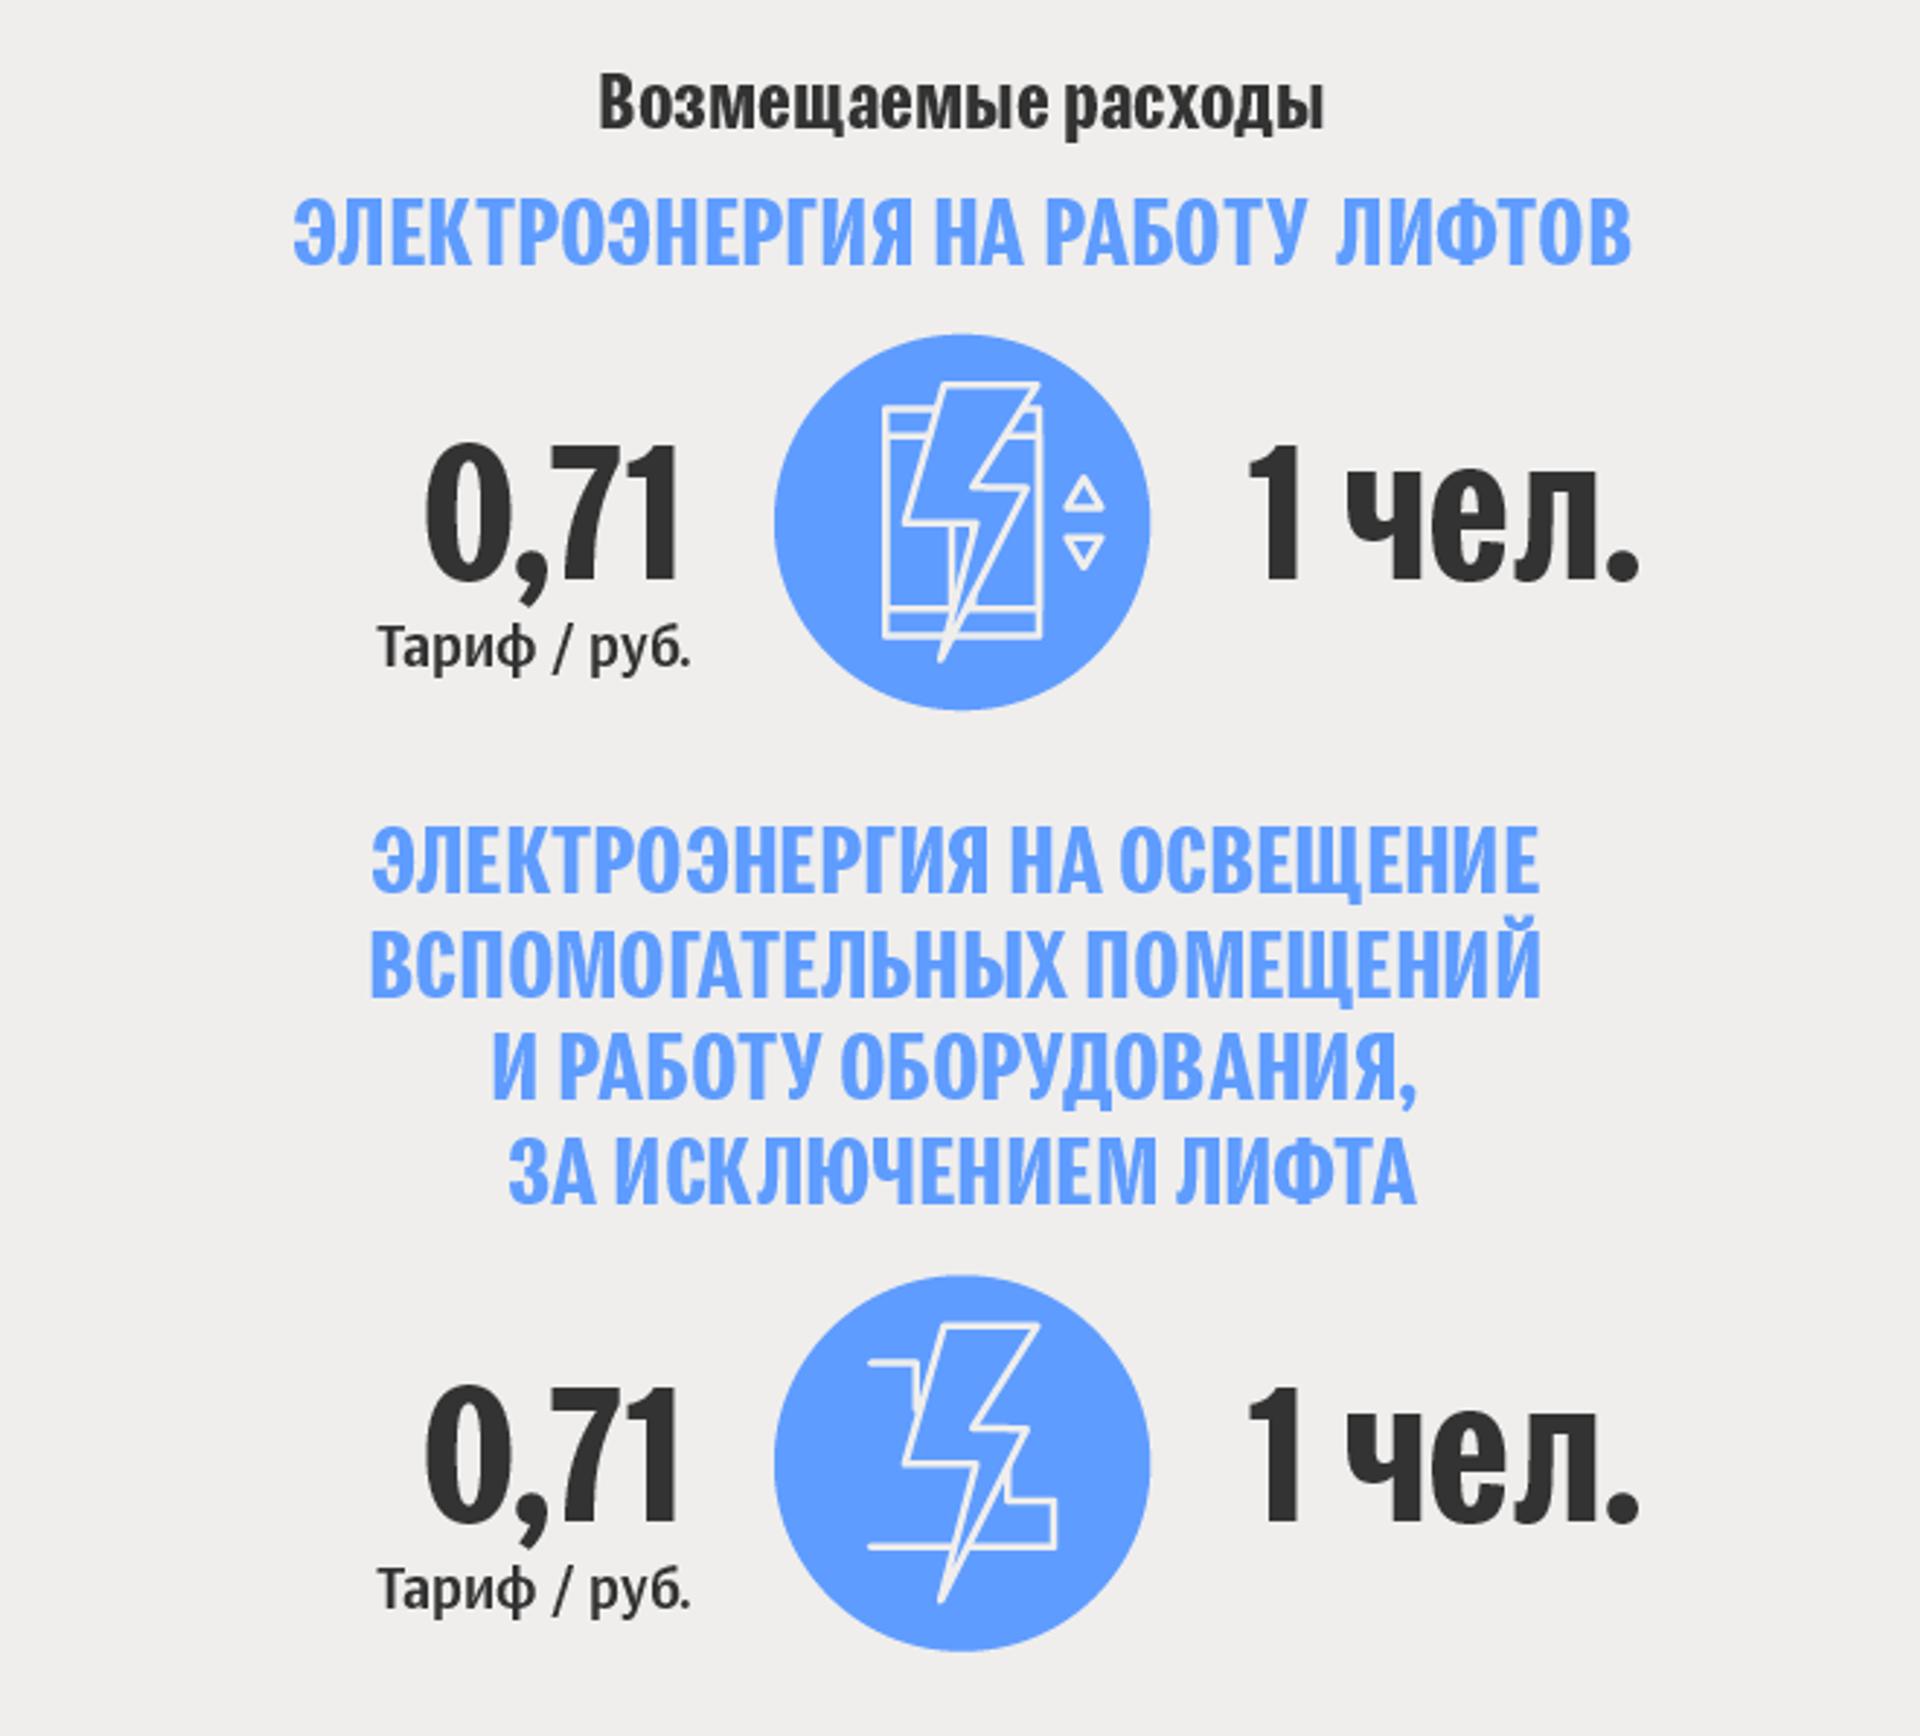 Тарифы белорусской жировки: возмещаемые расходы - Sputnik Беларусь, 1920, 29.06.2021